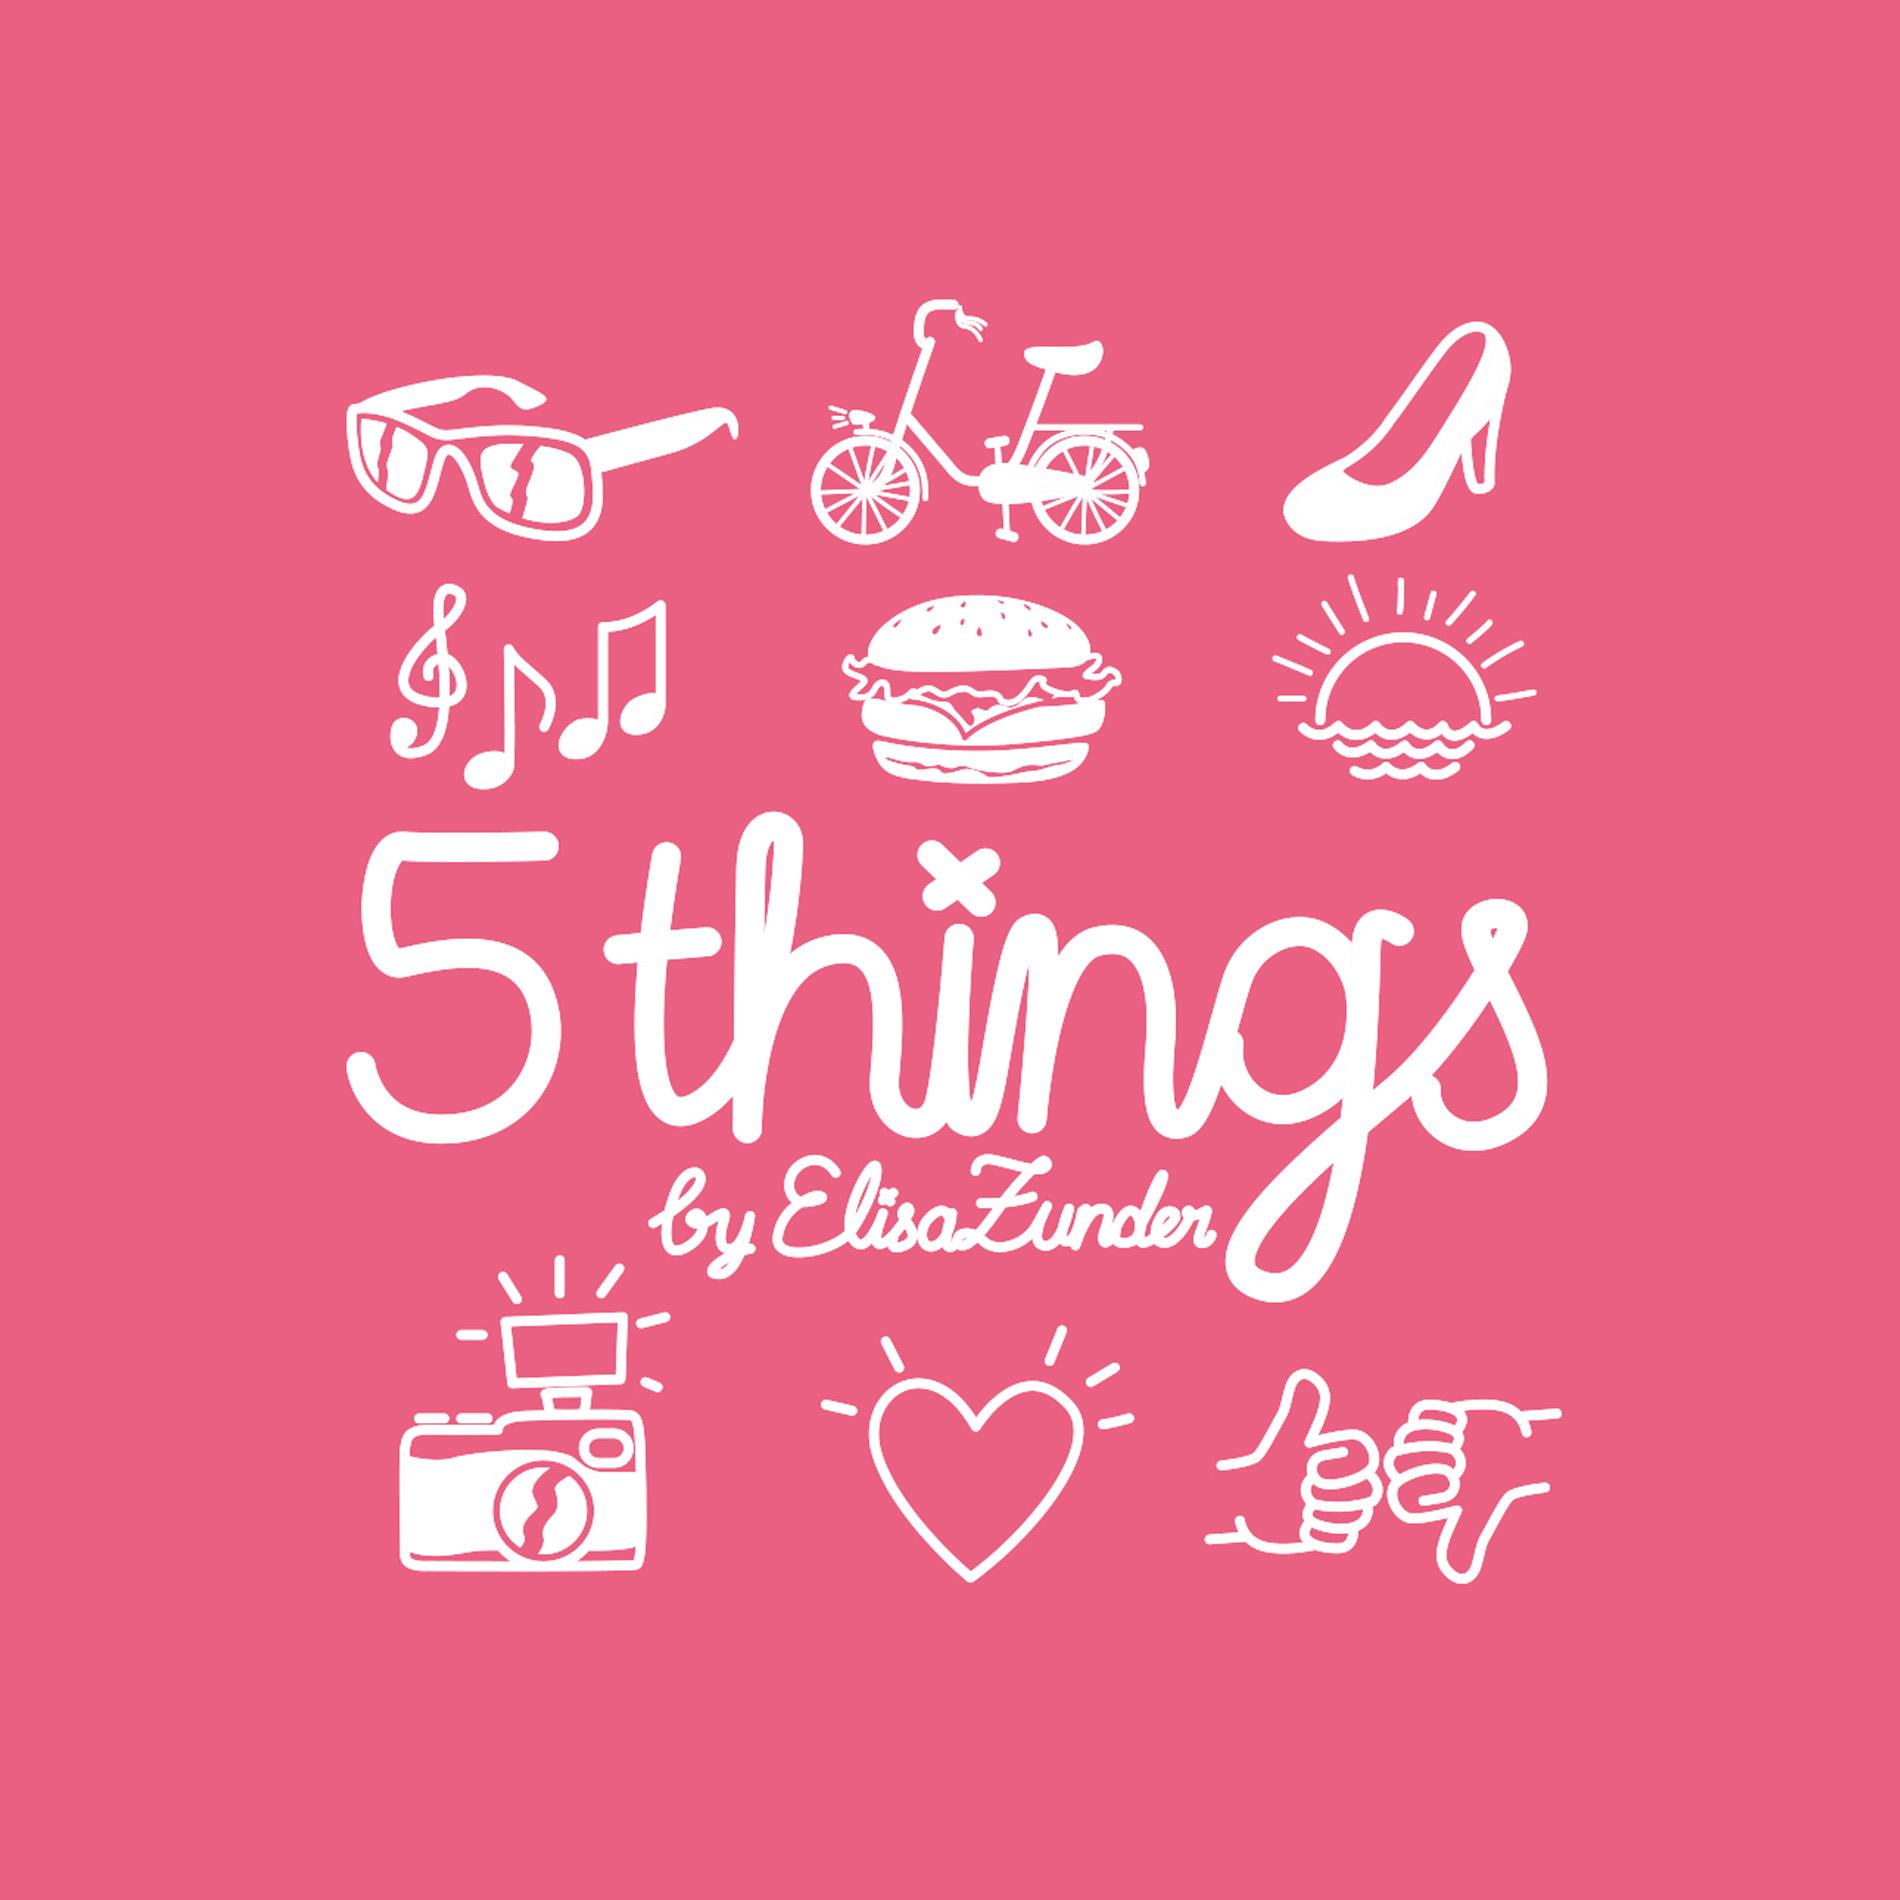 5x Gute Laune, Gute Laune Macher, 5 Dinge, die Freude bereiten, Personal, persönliche Einblicke, 5x Freude, Buchtipps, Herbstmarkt, Gute Laune im Oktober